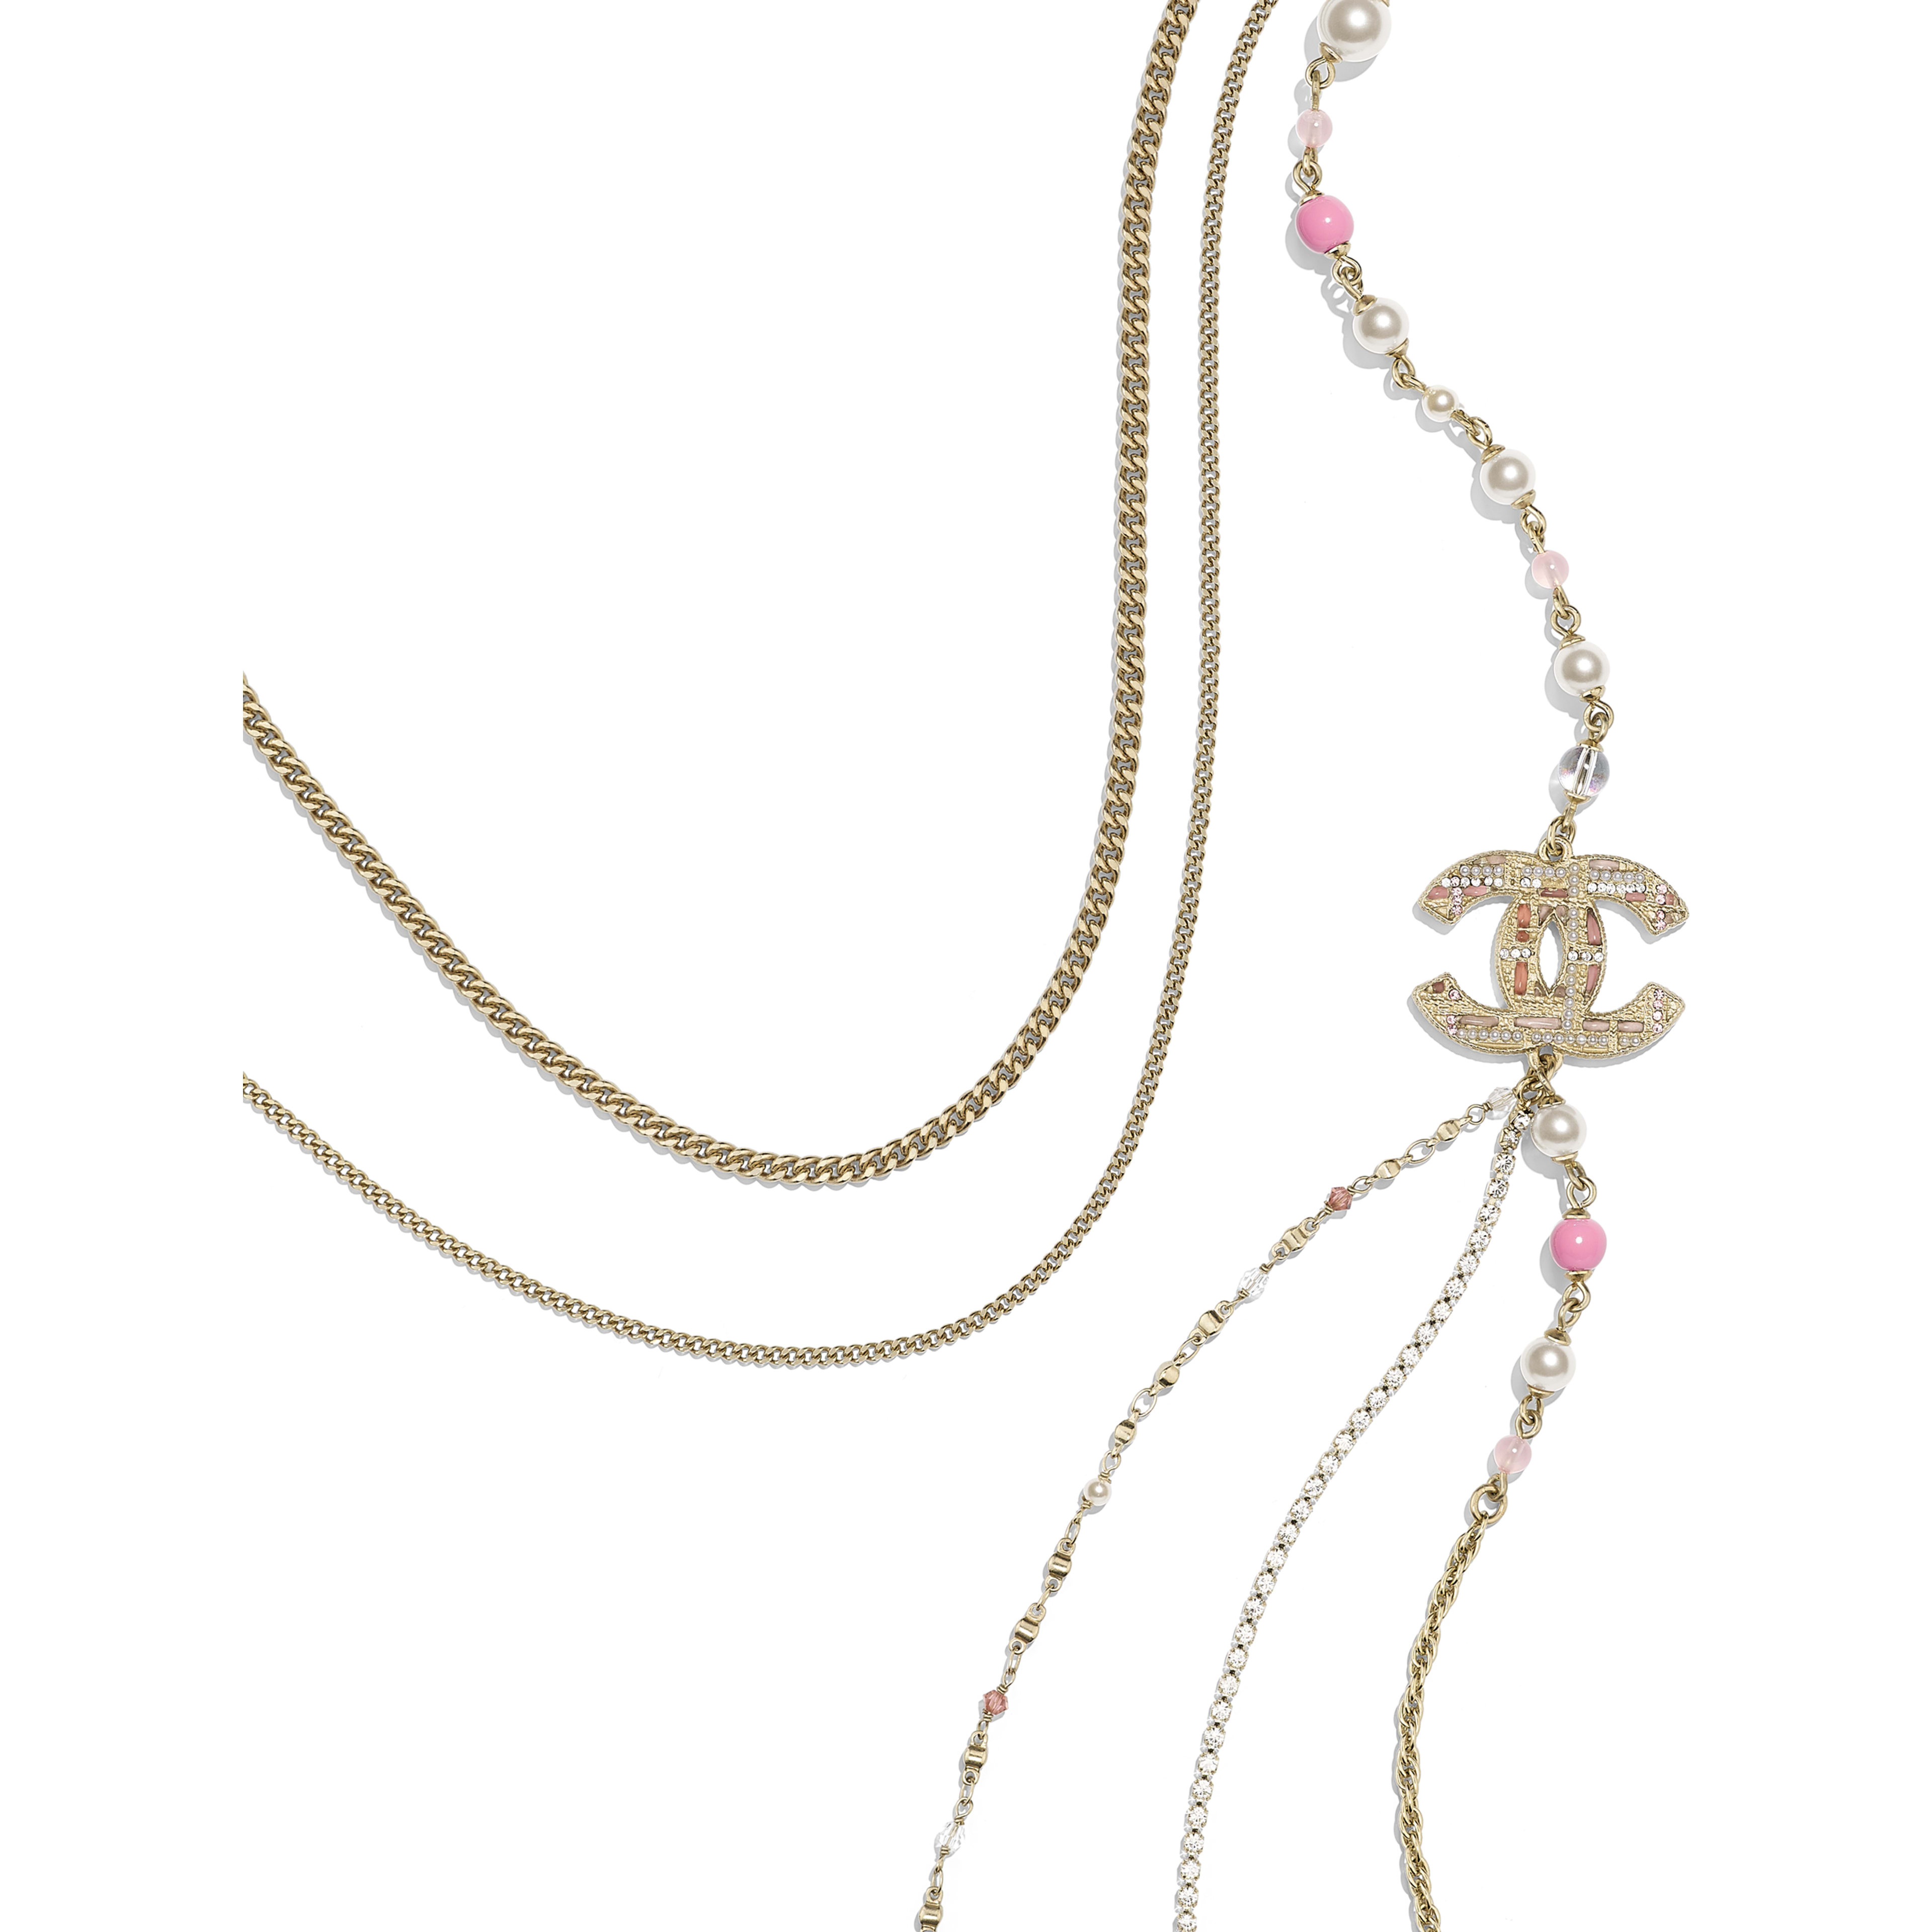 Длинное колье - Золотистый, жемчужно-белый и розовый - металл, жемчуг, стразы и смола - Альтернативный вид - посмотреть полноразмерное изображение